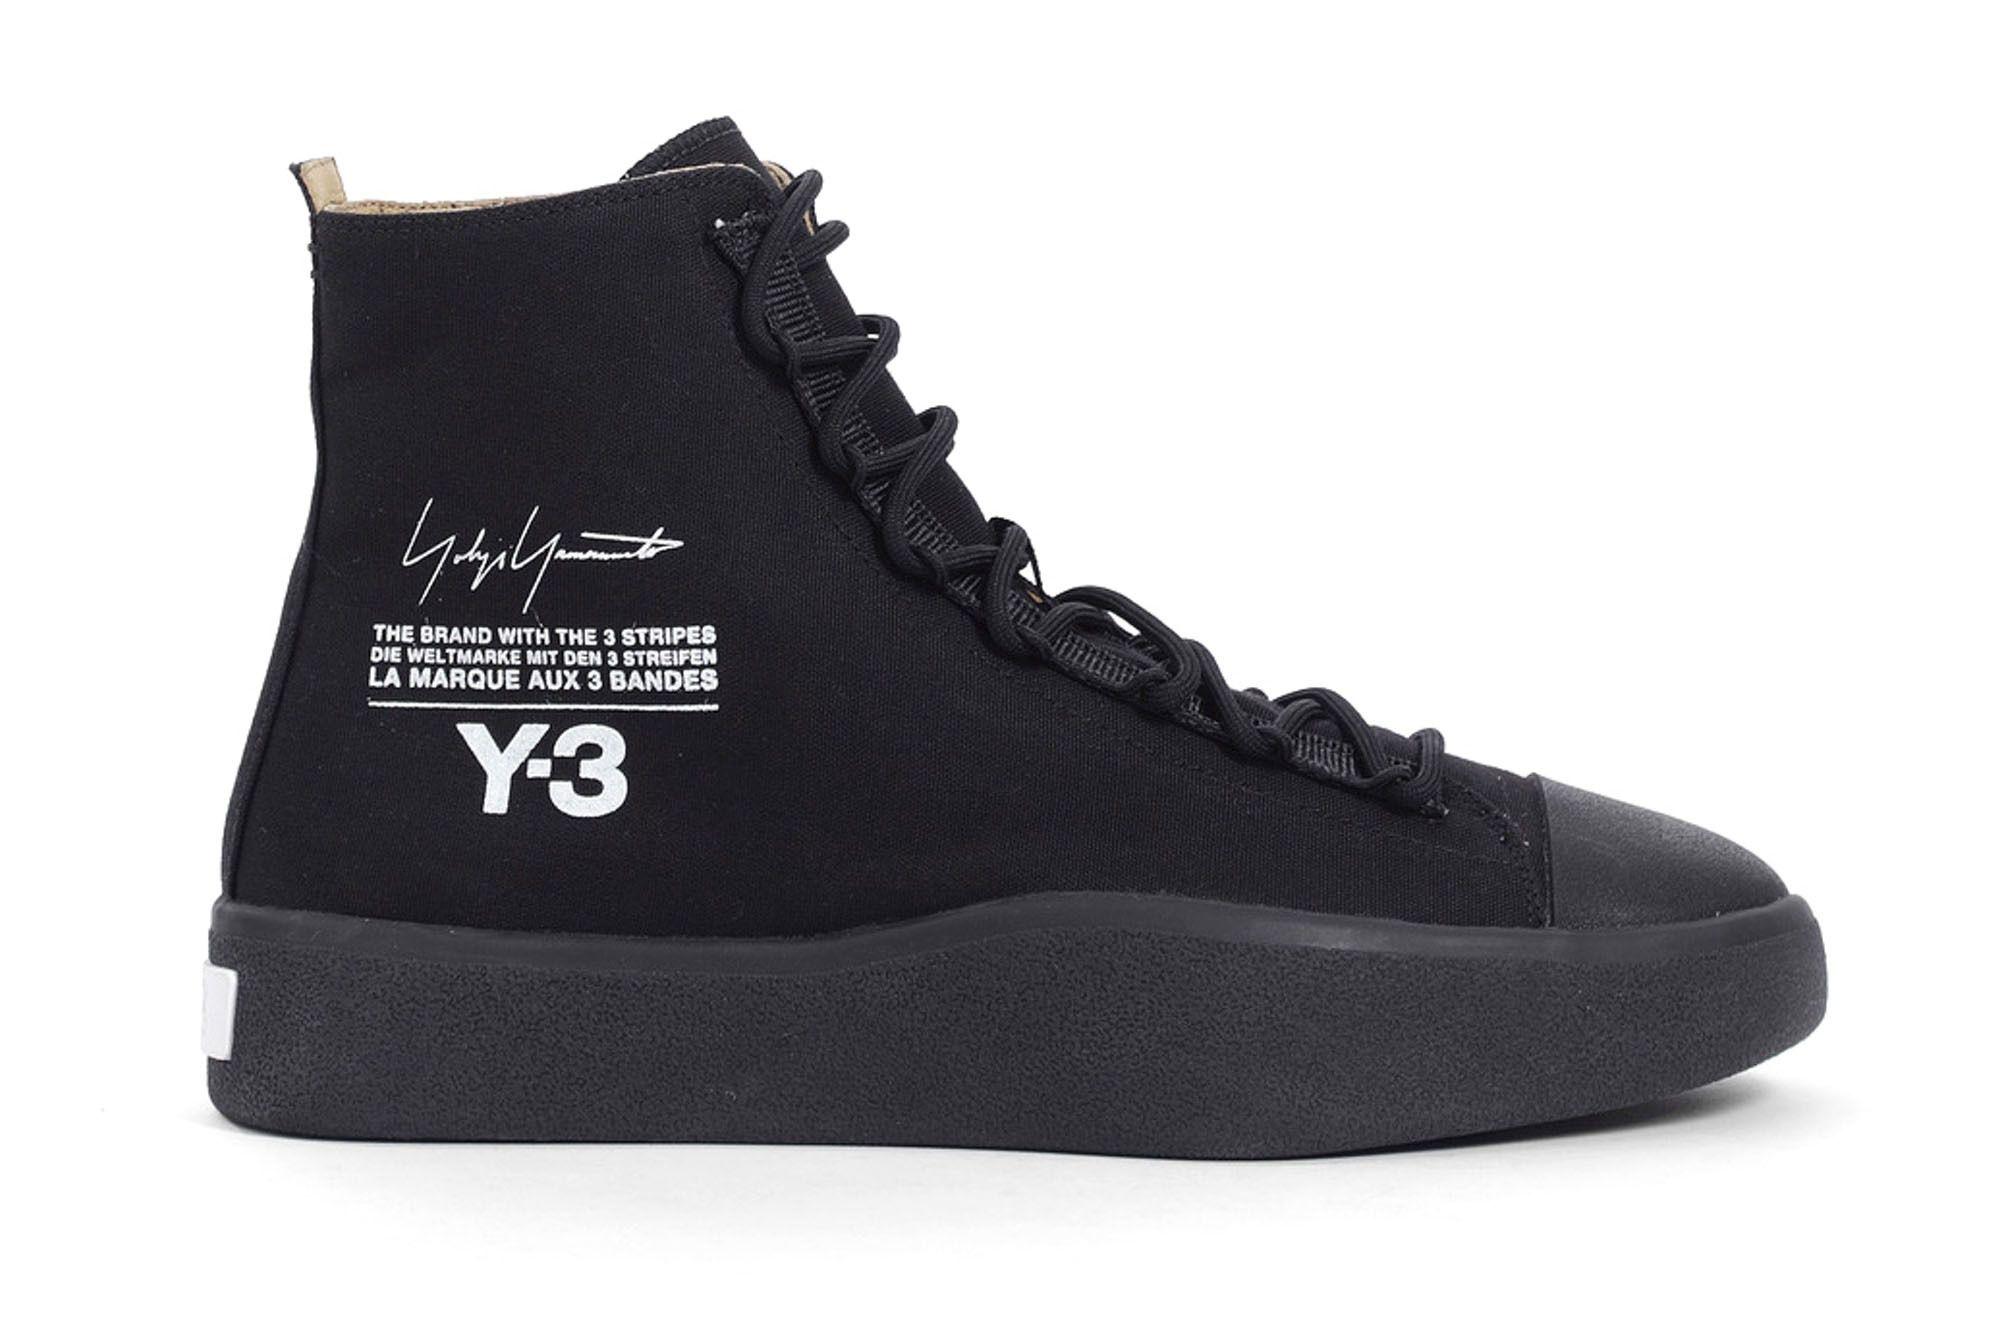 Y3 Bashyo Black Spring Summer 2018 Release 1 Sneaker Freaker